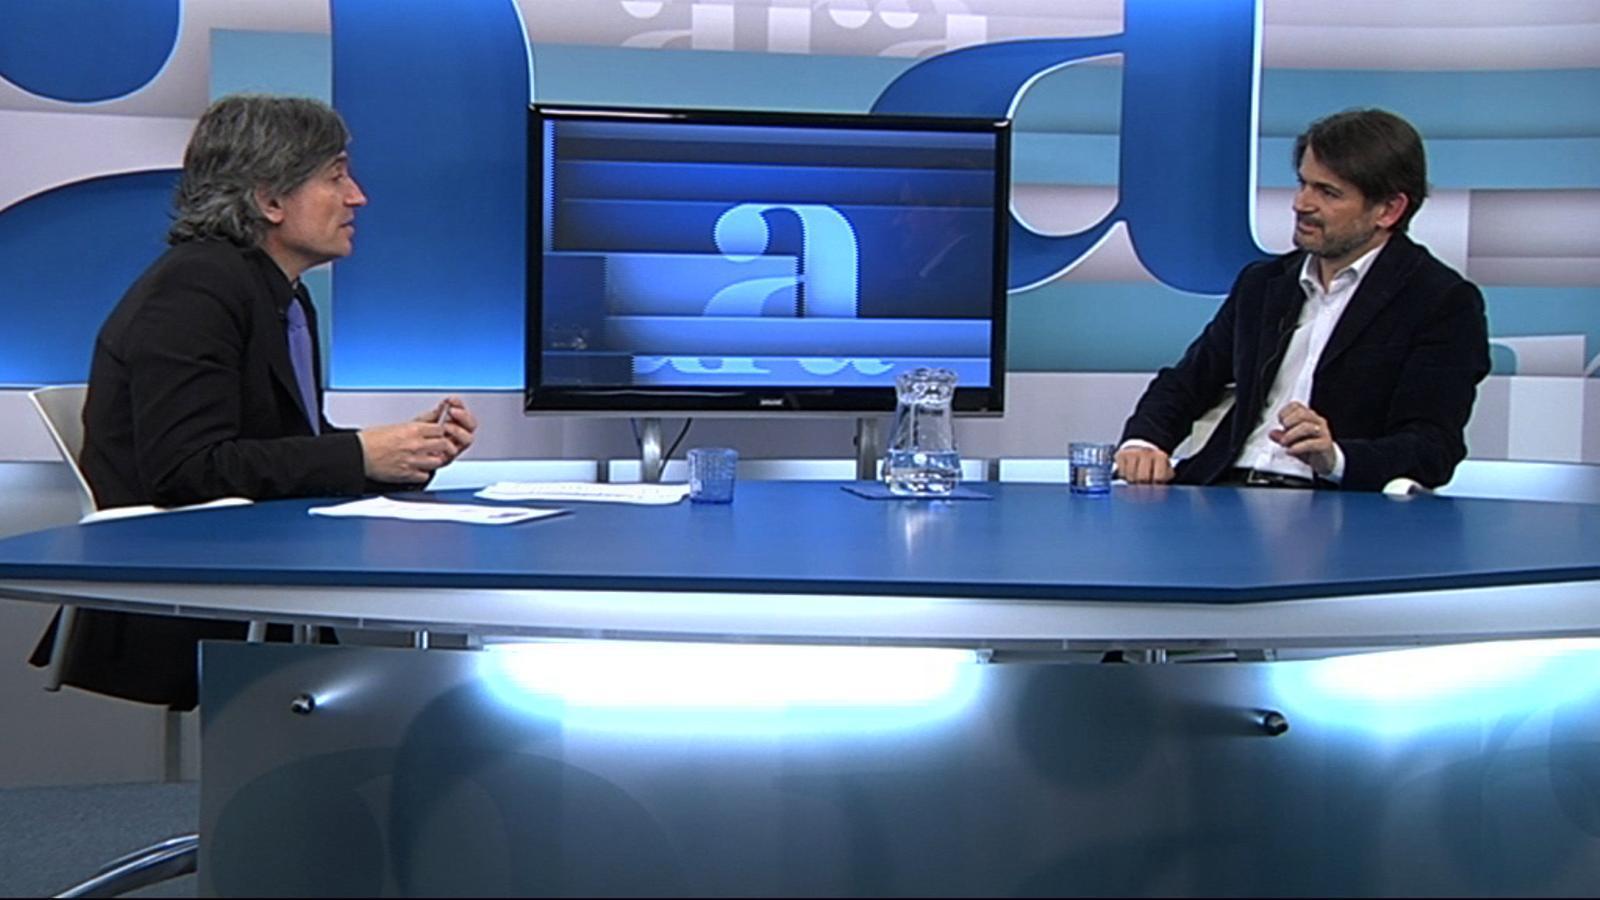 Oriol Pujol: Després de la crisi res tornarà a ser igual